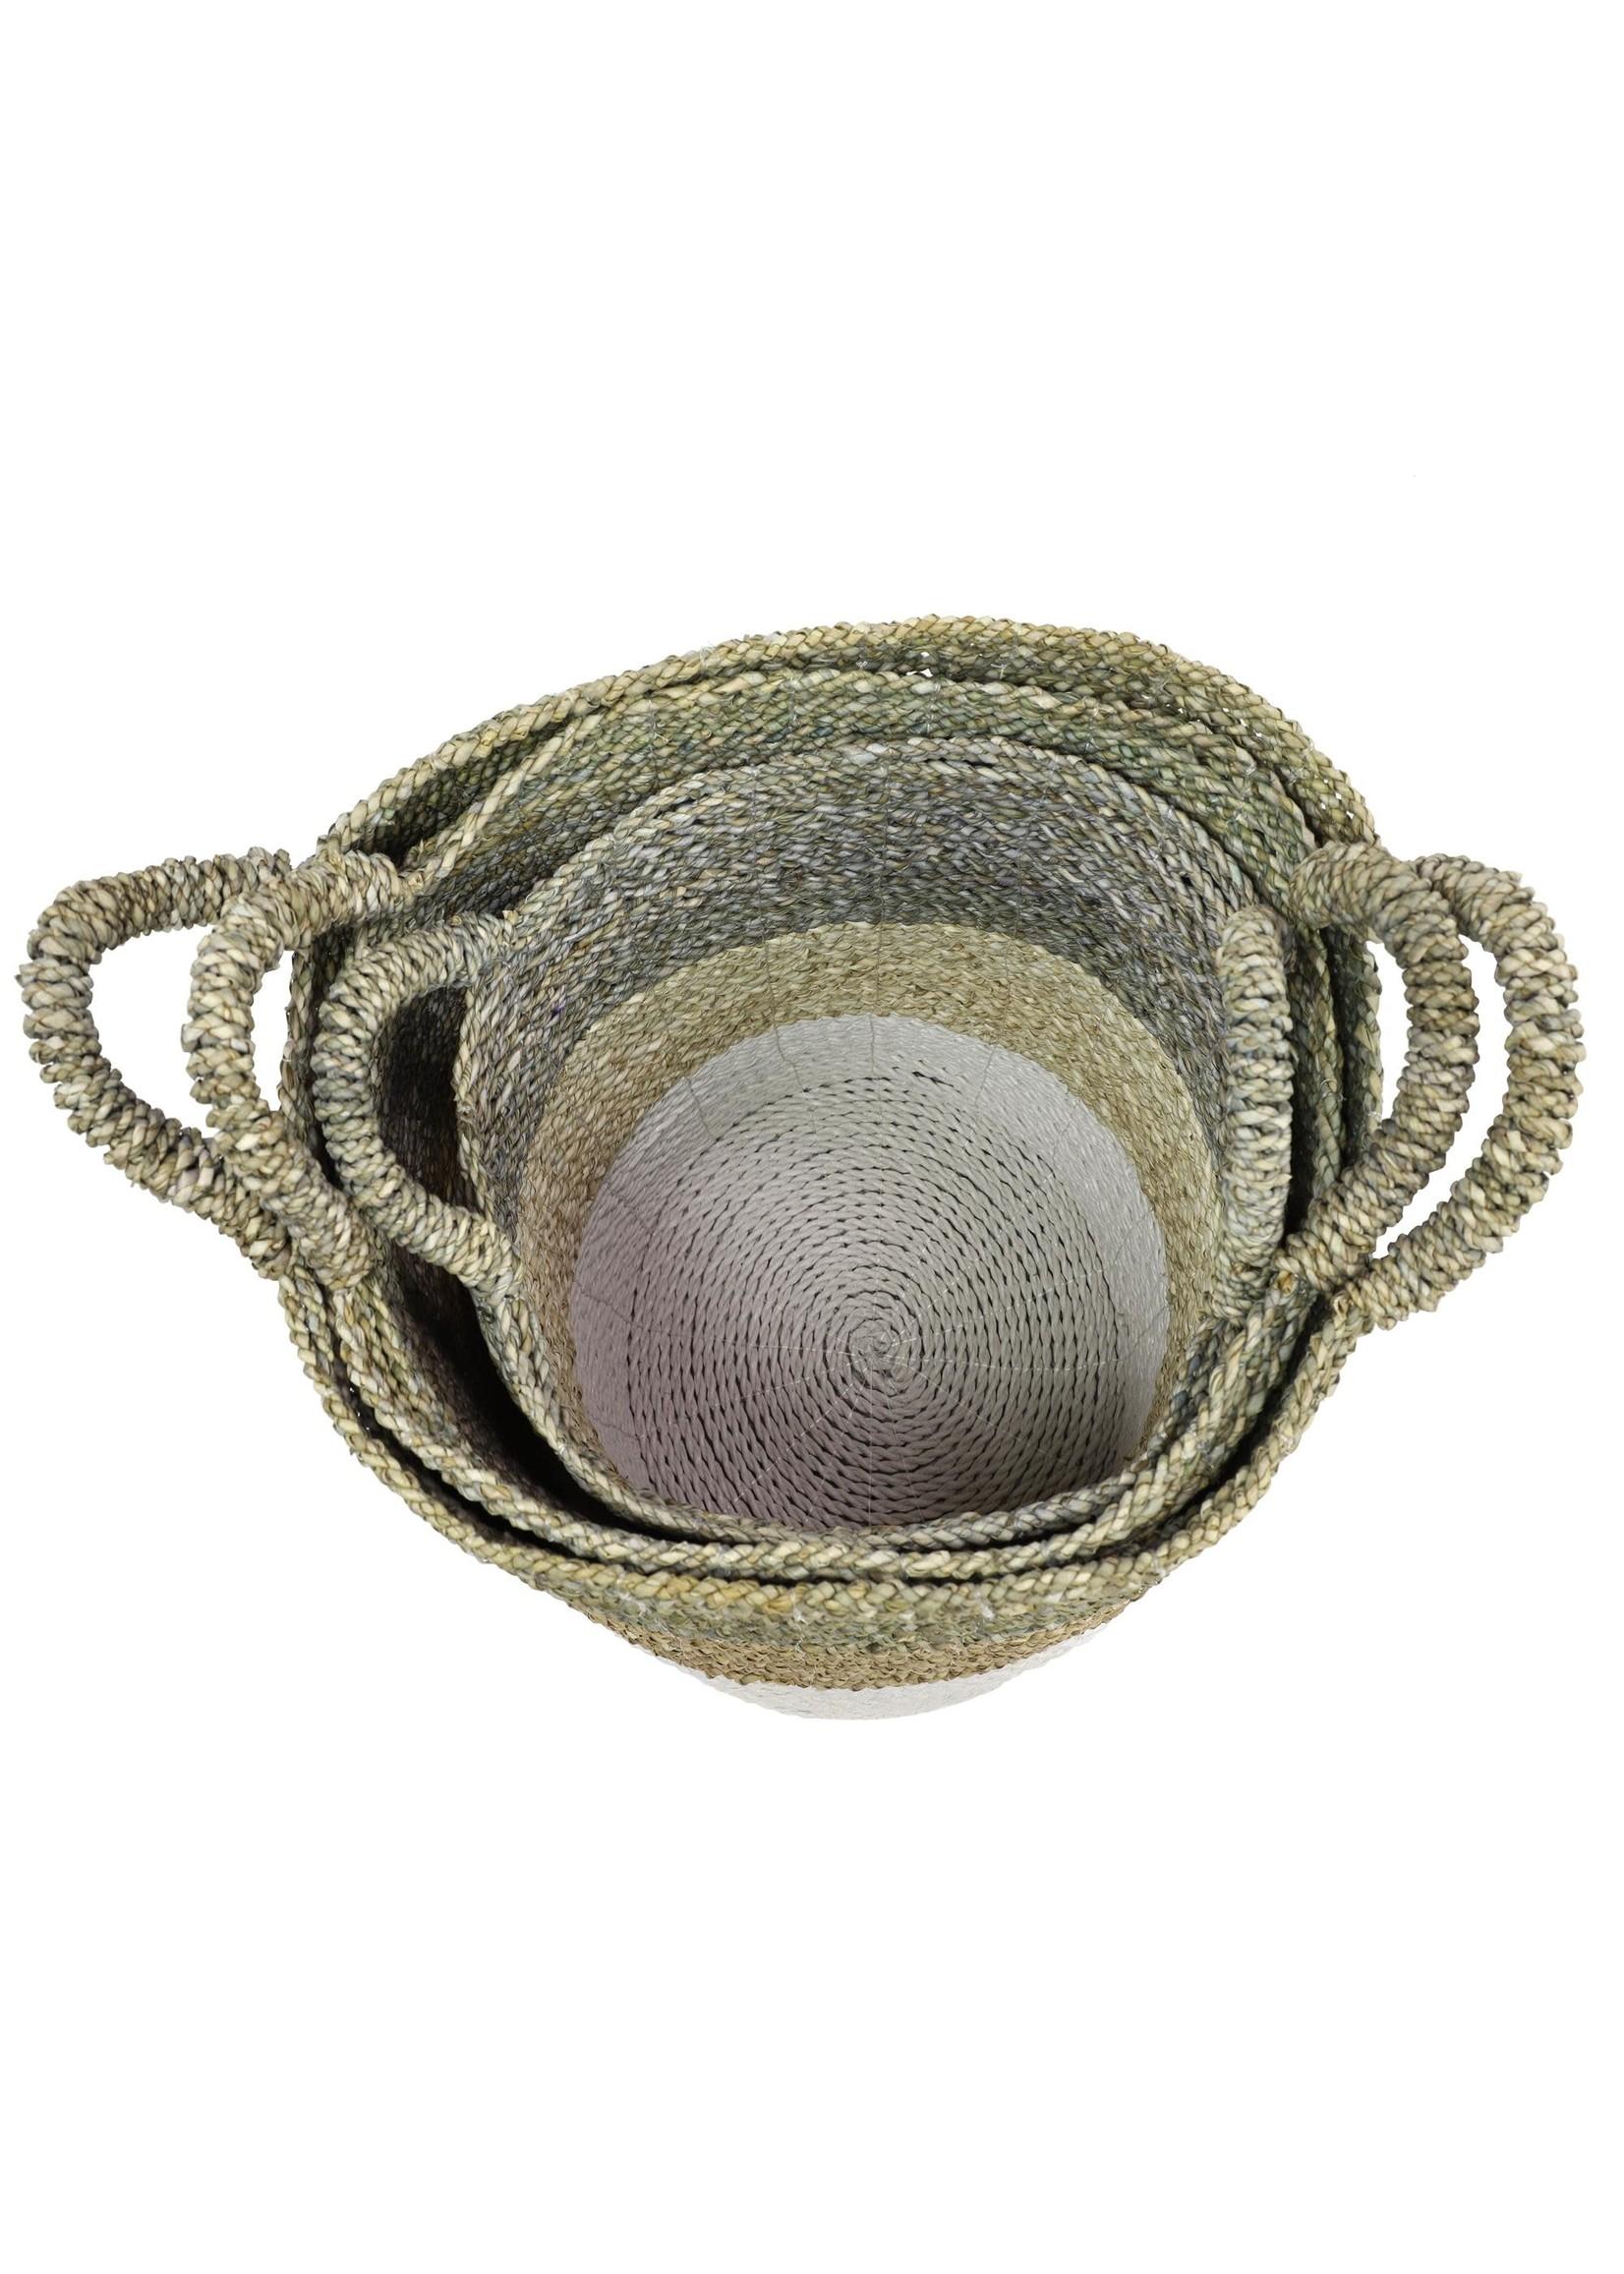 UMA Enterprises Seagrass Basket SMALL